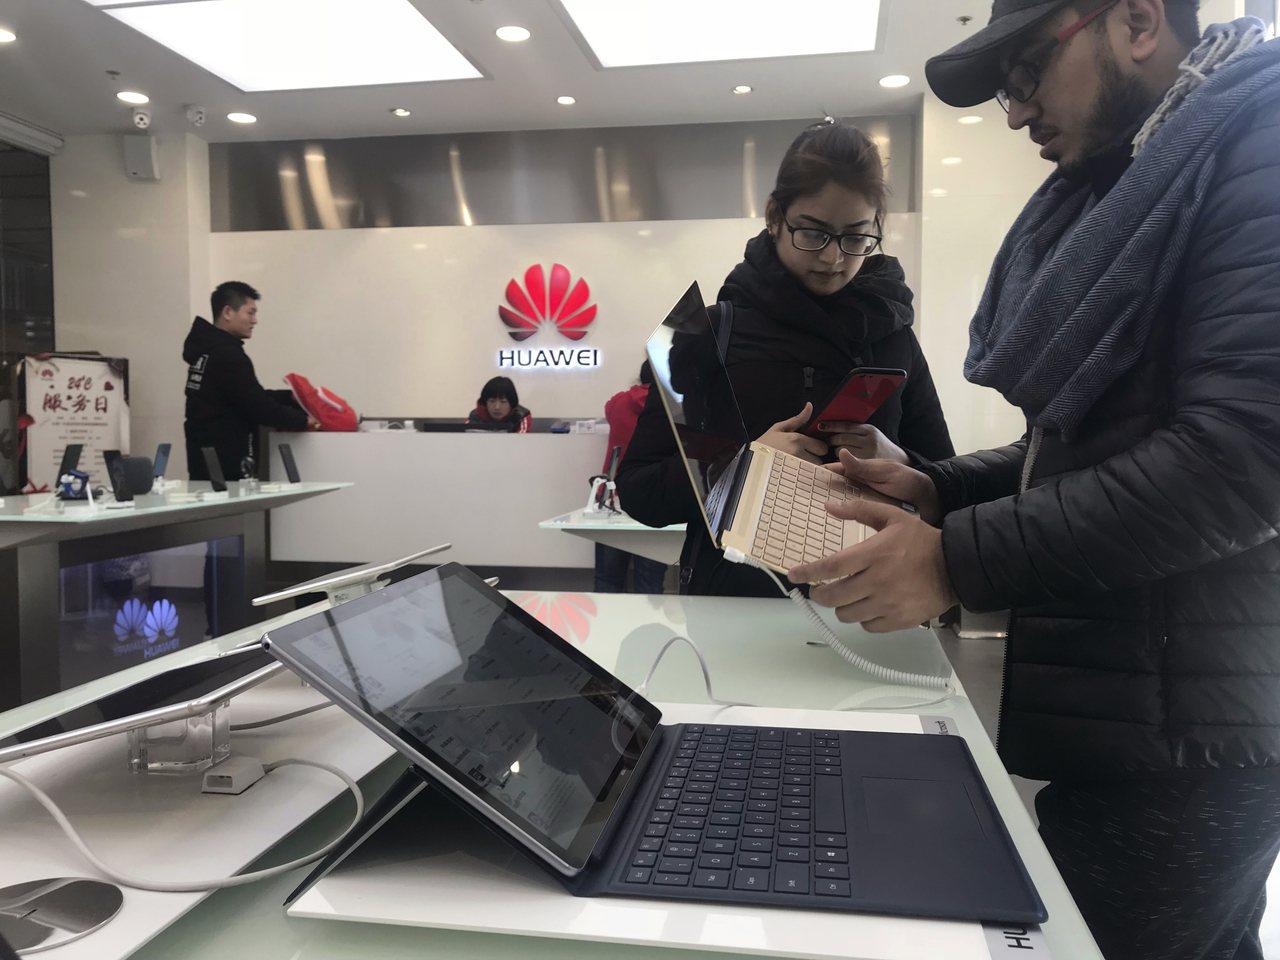 華為在北京的一處門市據點,展售華為品牌筆電。 美聯社